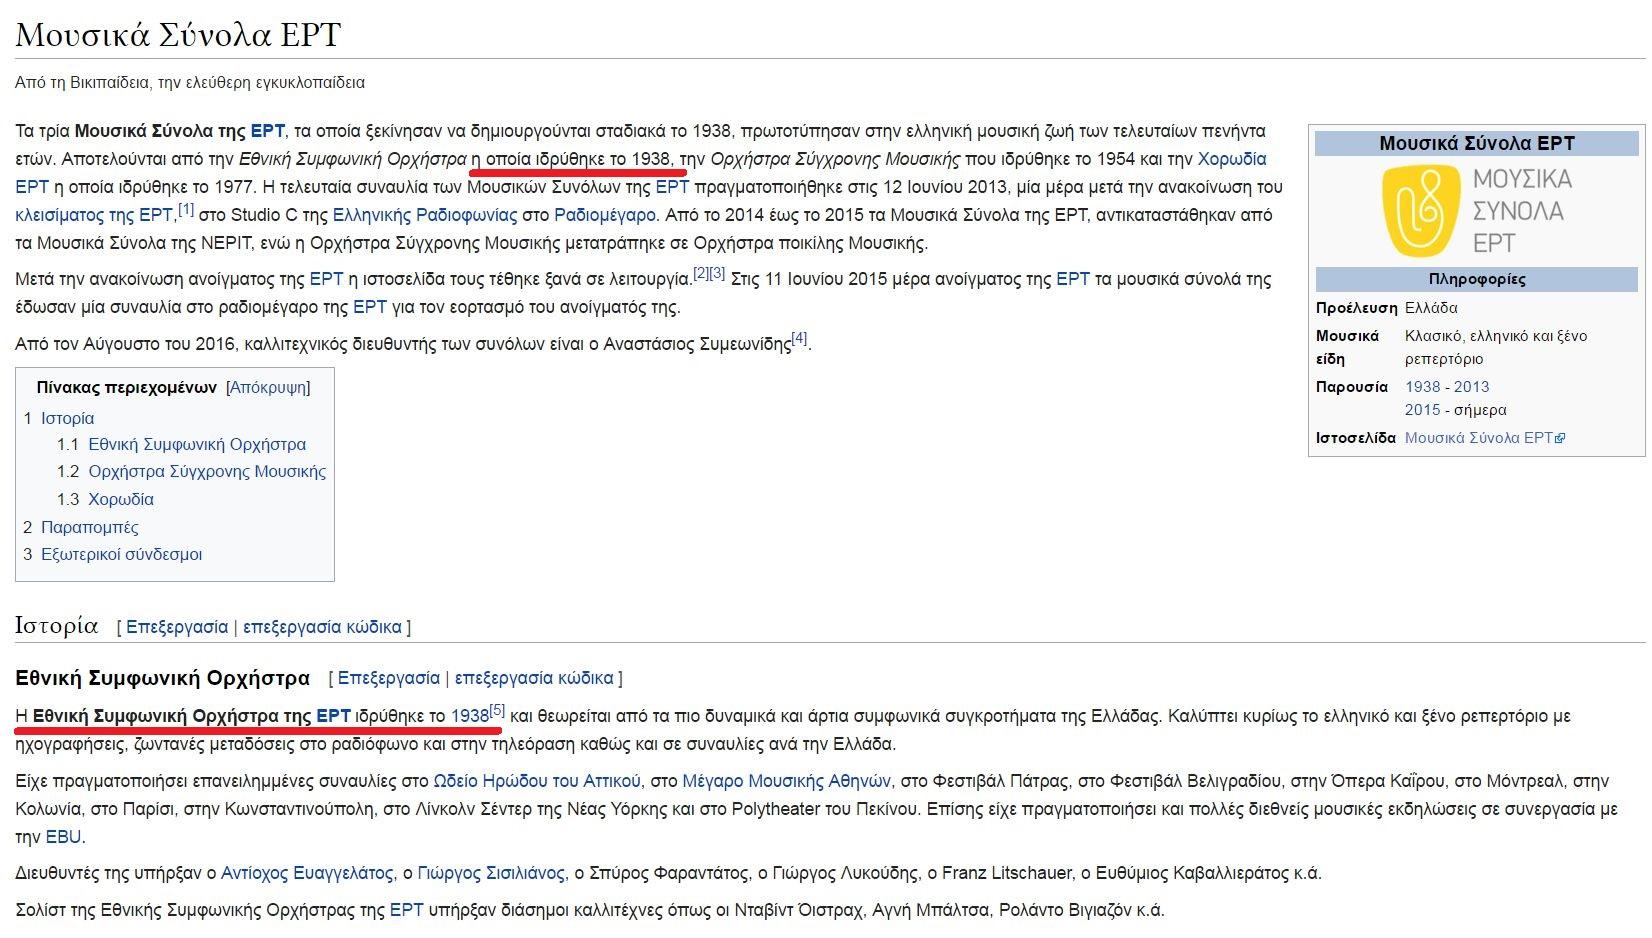 a0eafaf5e9a 5658-Μουσικά Σύνολα ΕΡΤ – Βικιπαίδεια -el_wikipedia_org_wiki_Μουσικά_Σύνολα_ΕΡΤ